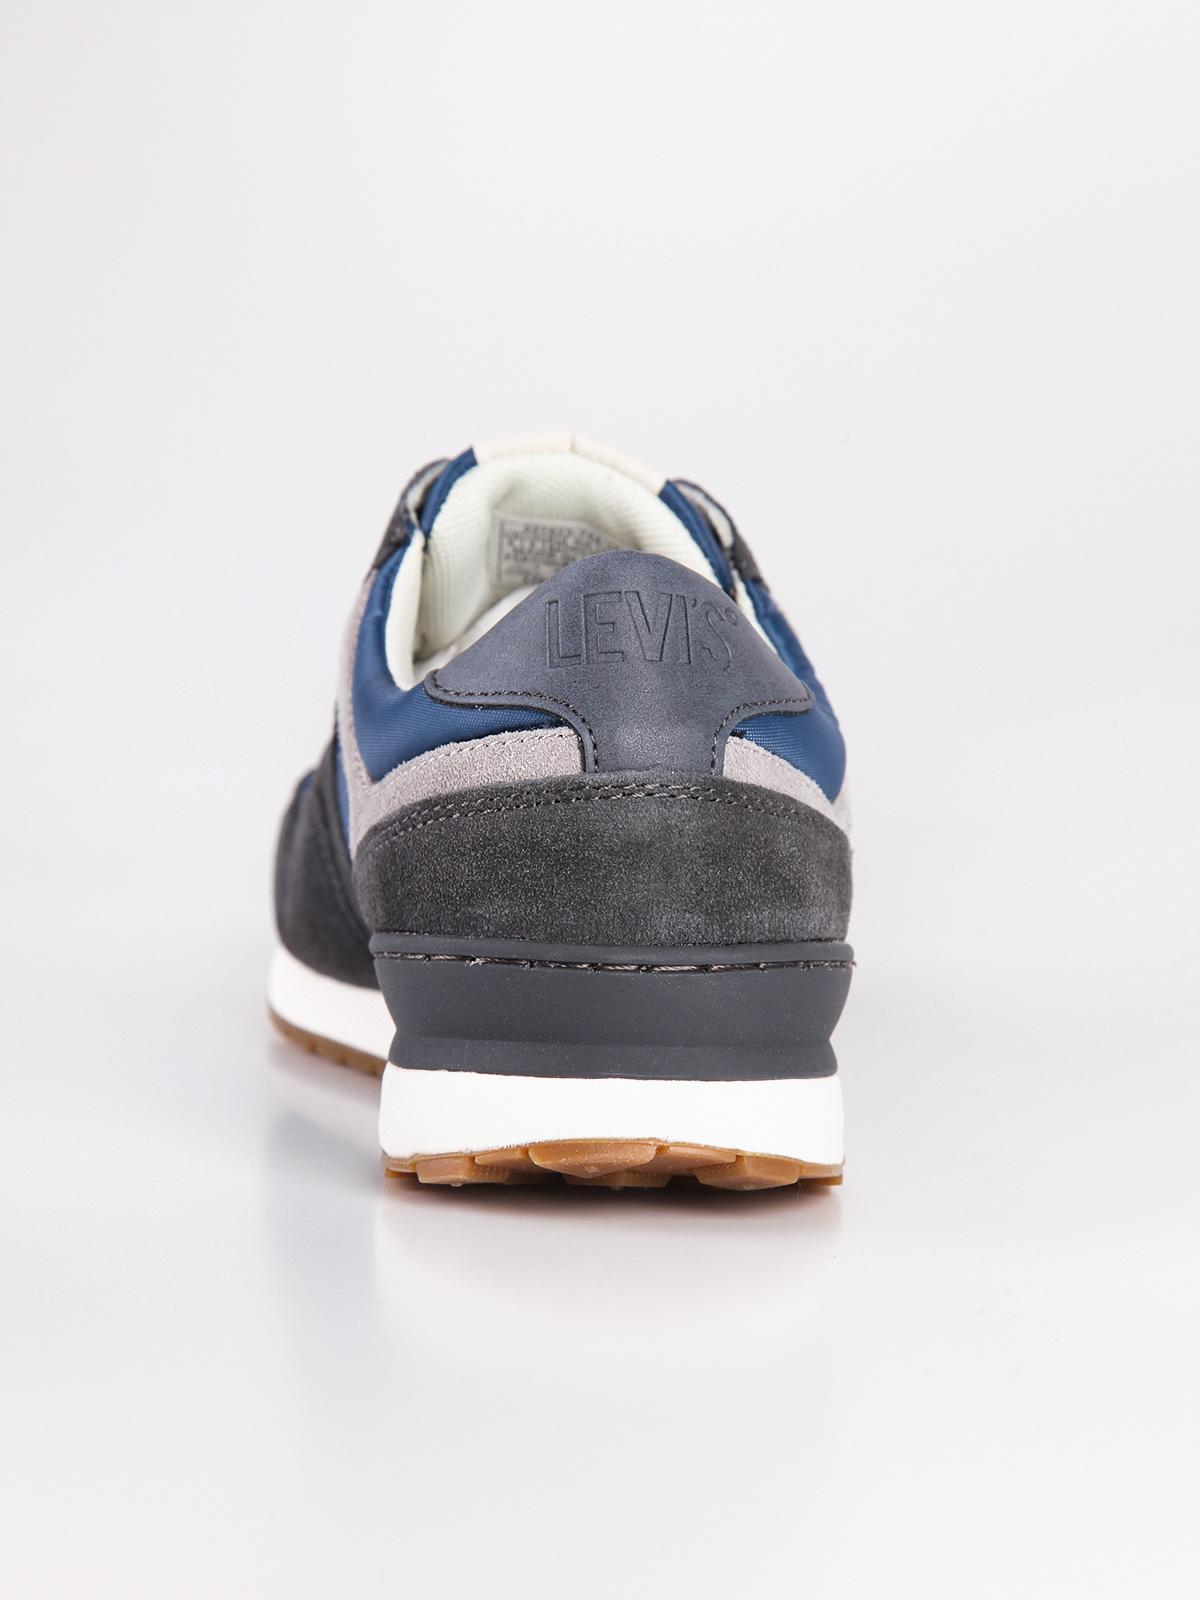 NY RUNNER 2.0 Herren Sneaker BLAU levi's | MecShopping